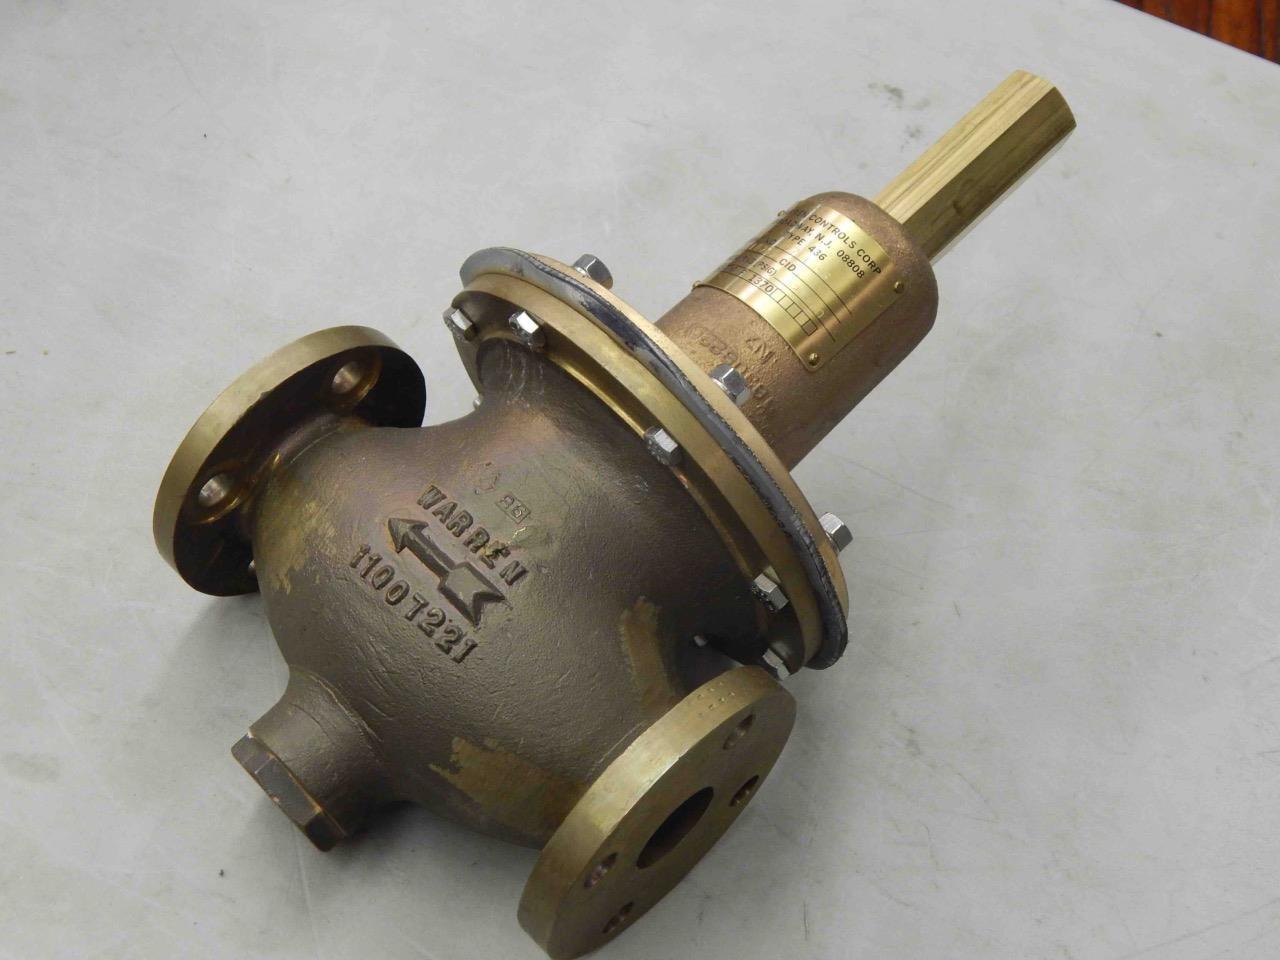 #207 Warren Controls Type 436 Regulating Fluid Pressure Valve 4-½